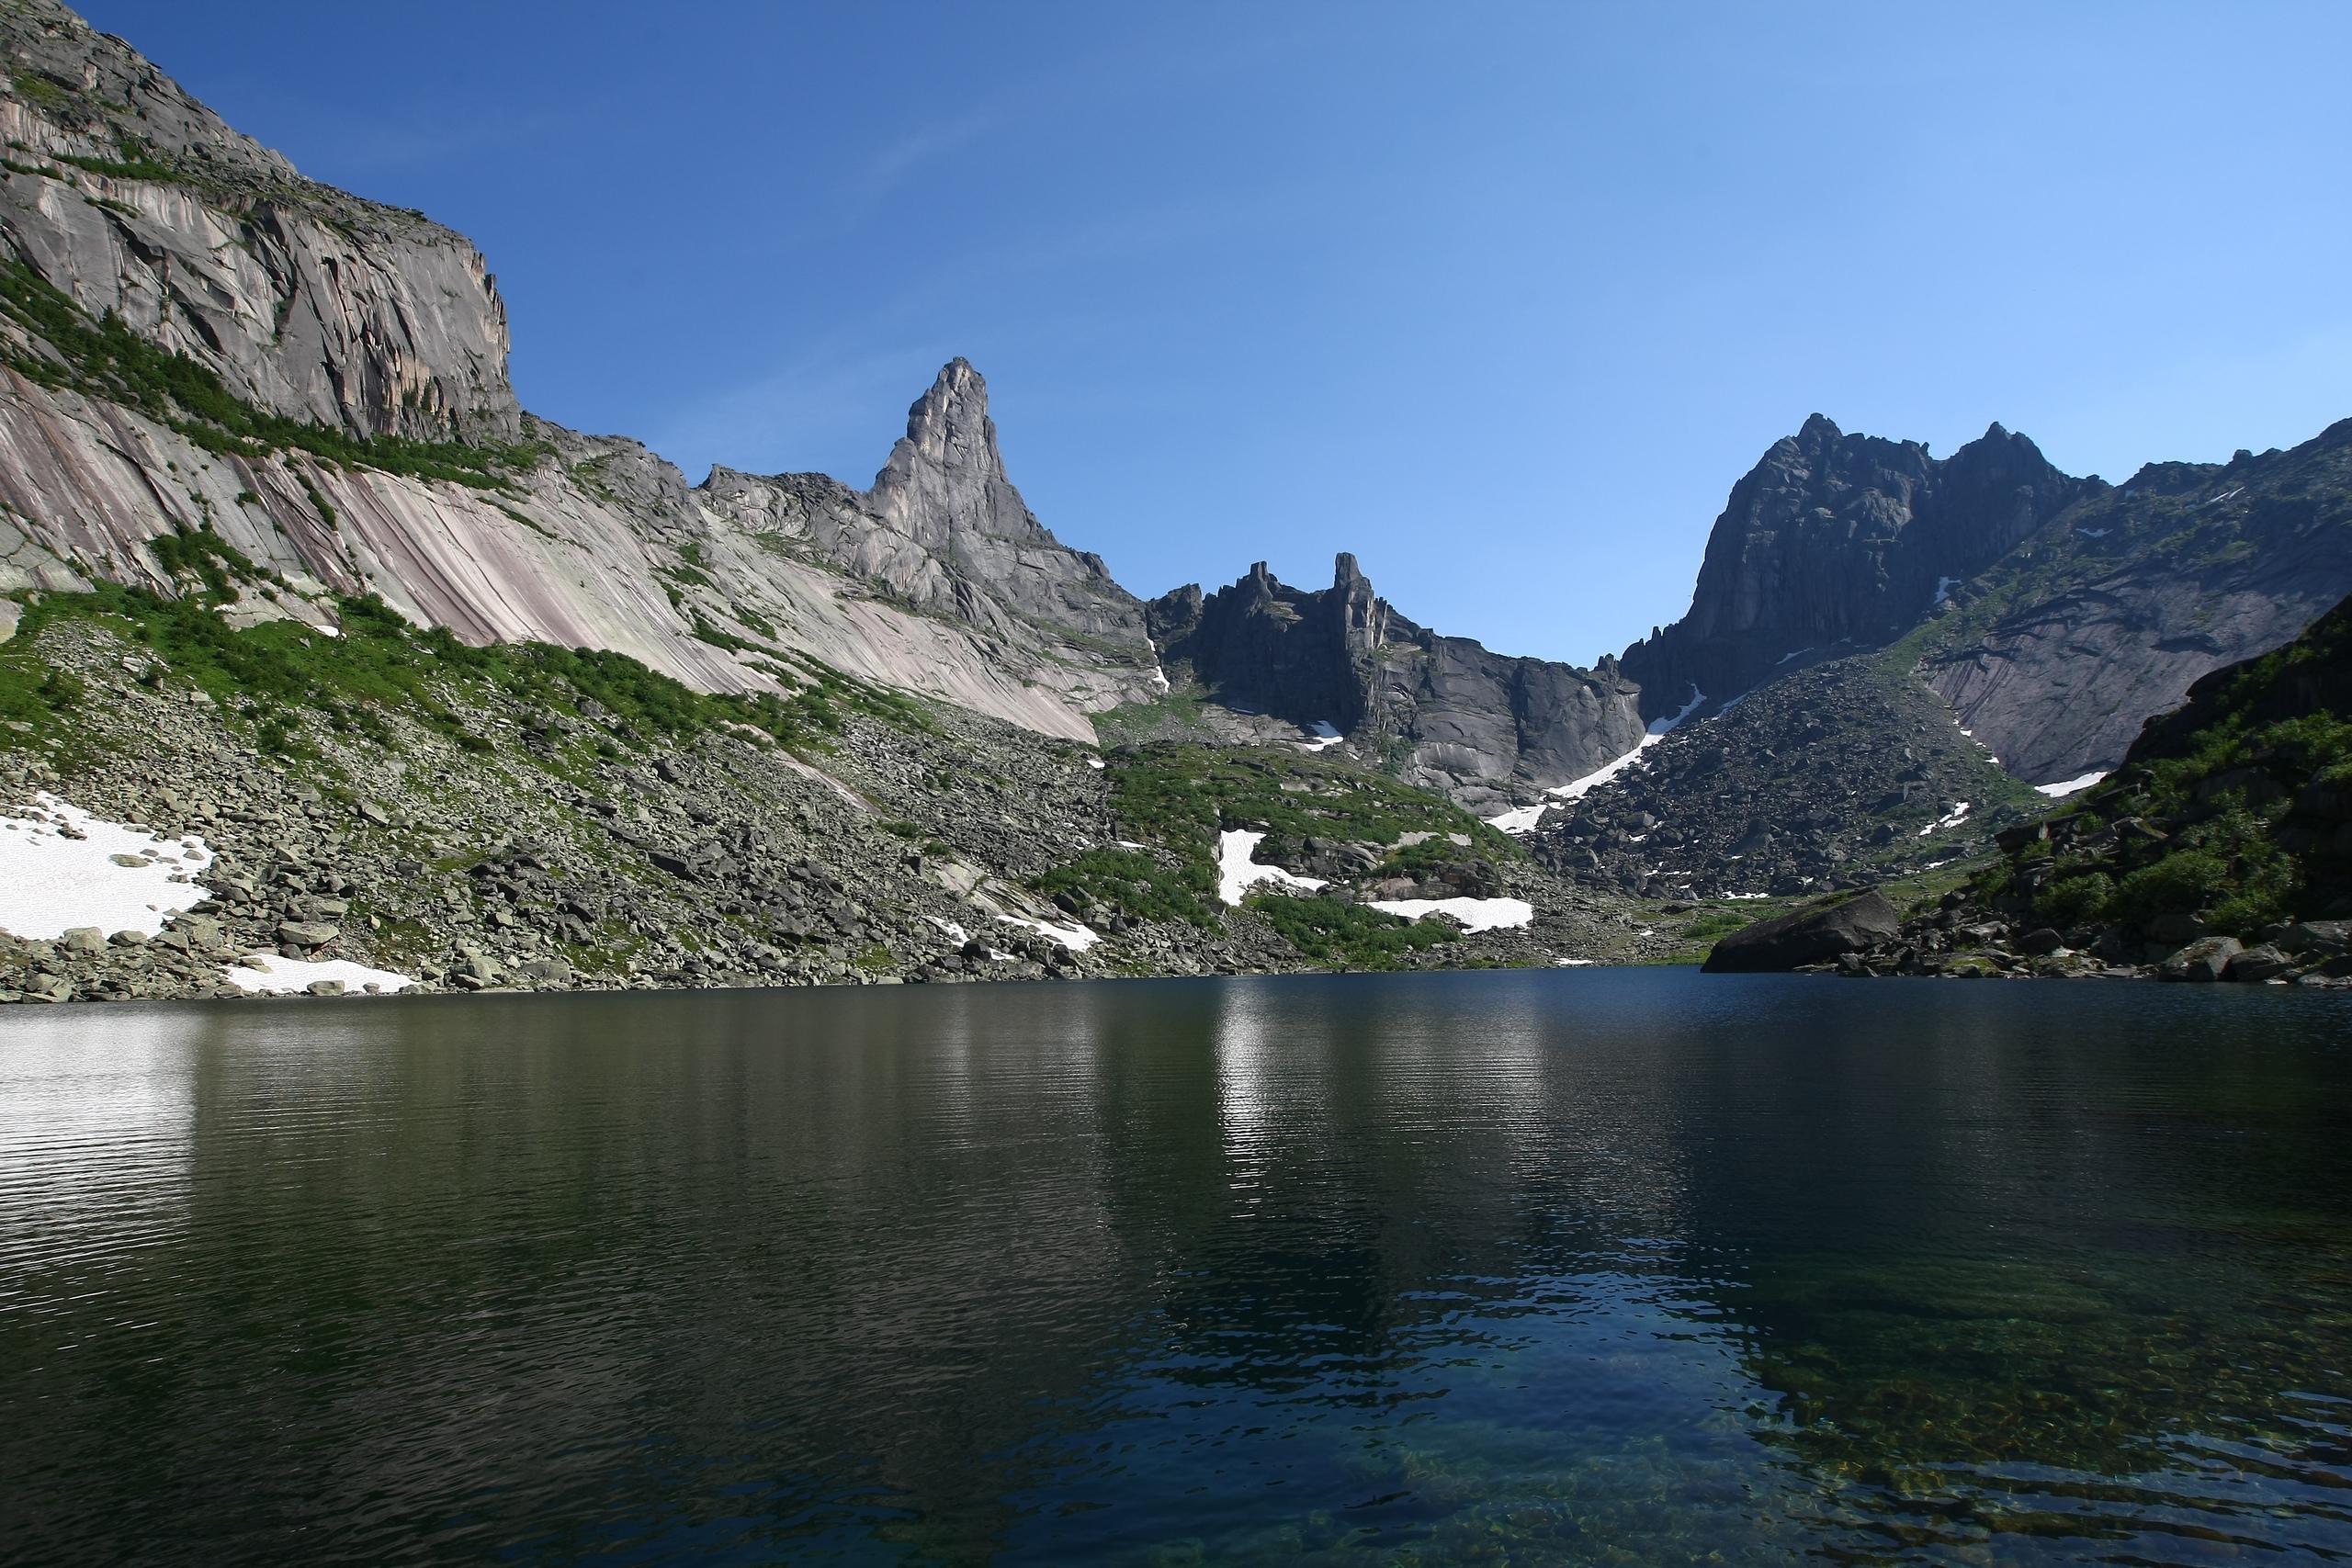 Озеро Горных духов и перевал Птица. Фото: Константин Бураков